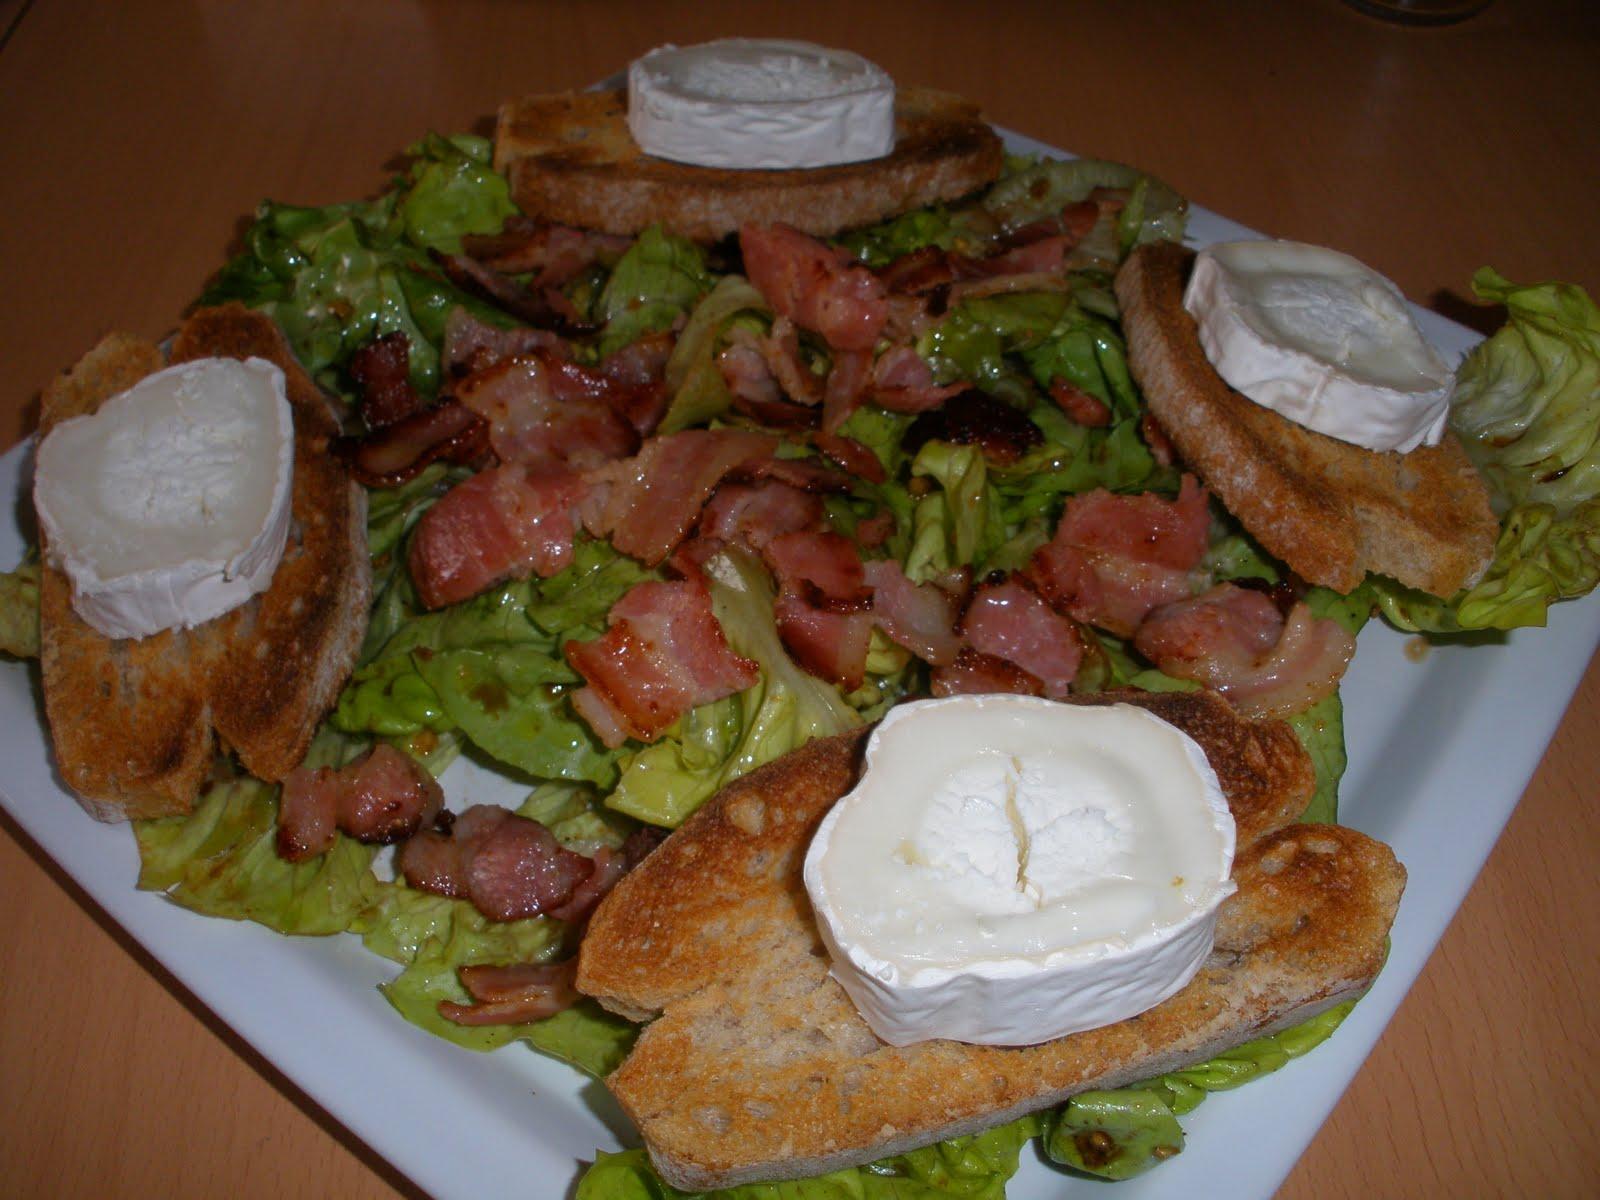 Salade de poitrine fum aux toast grill s et chauds de for Entree vite faite simple